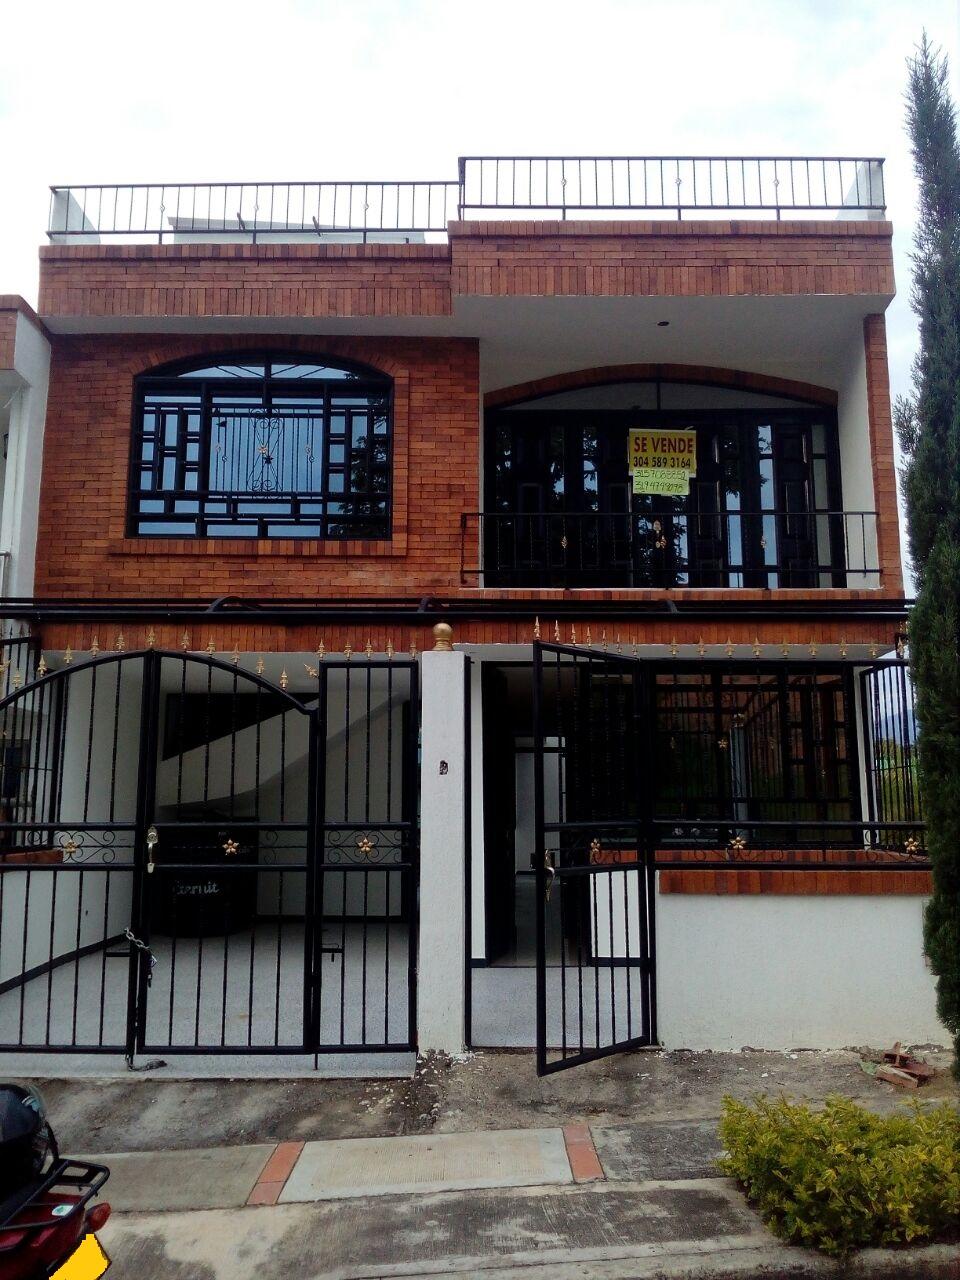 Casa en venta en fusagasuga goplaceit for Inmobiliaria 3 casas